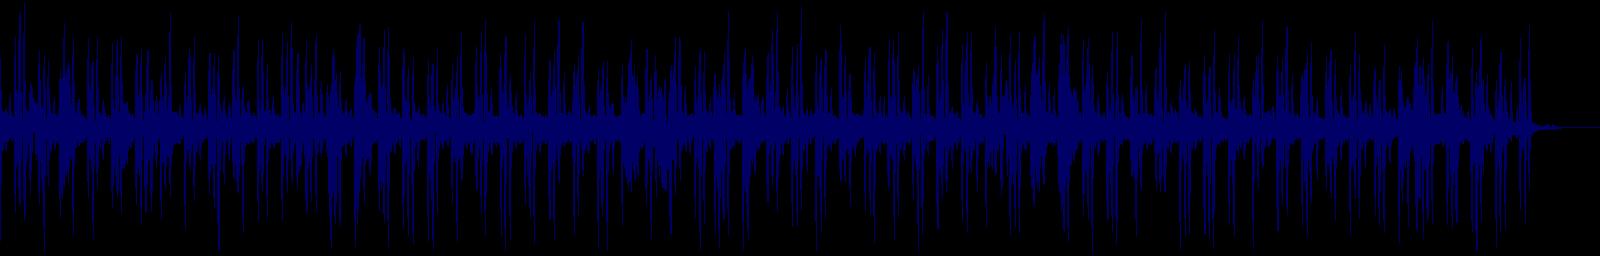 waveform of track #148370